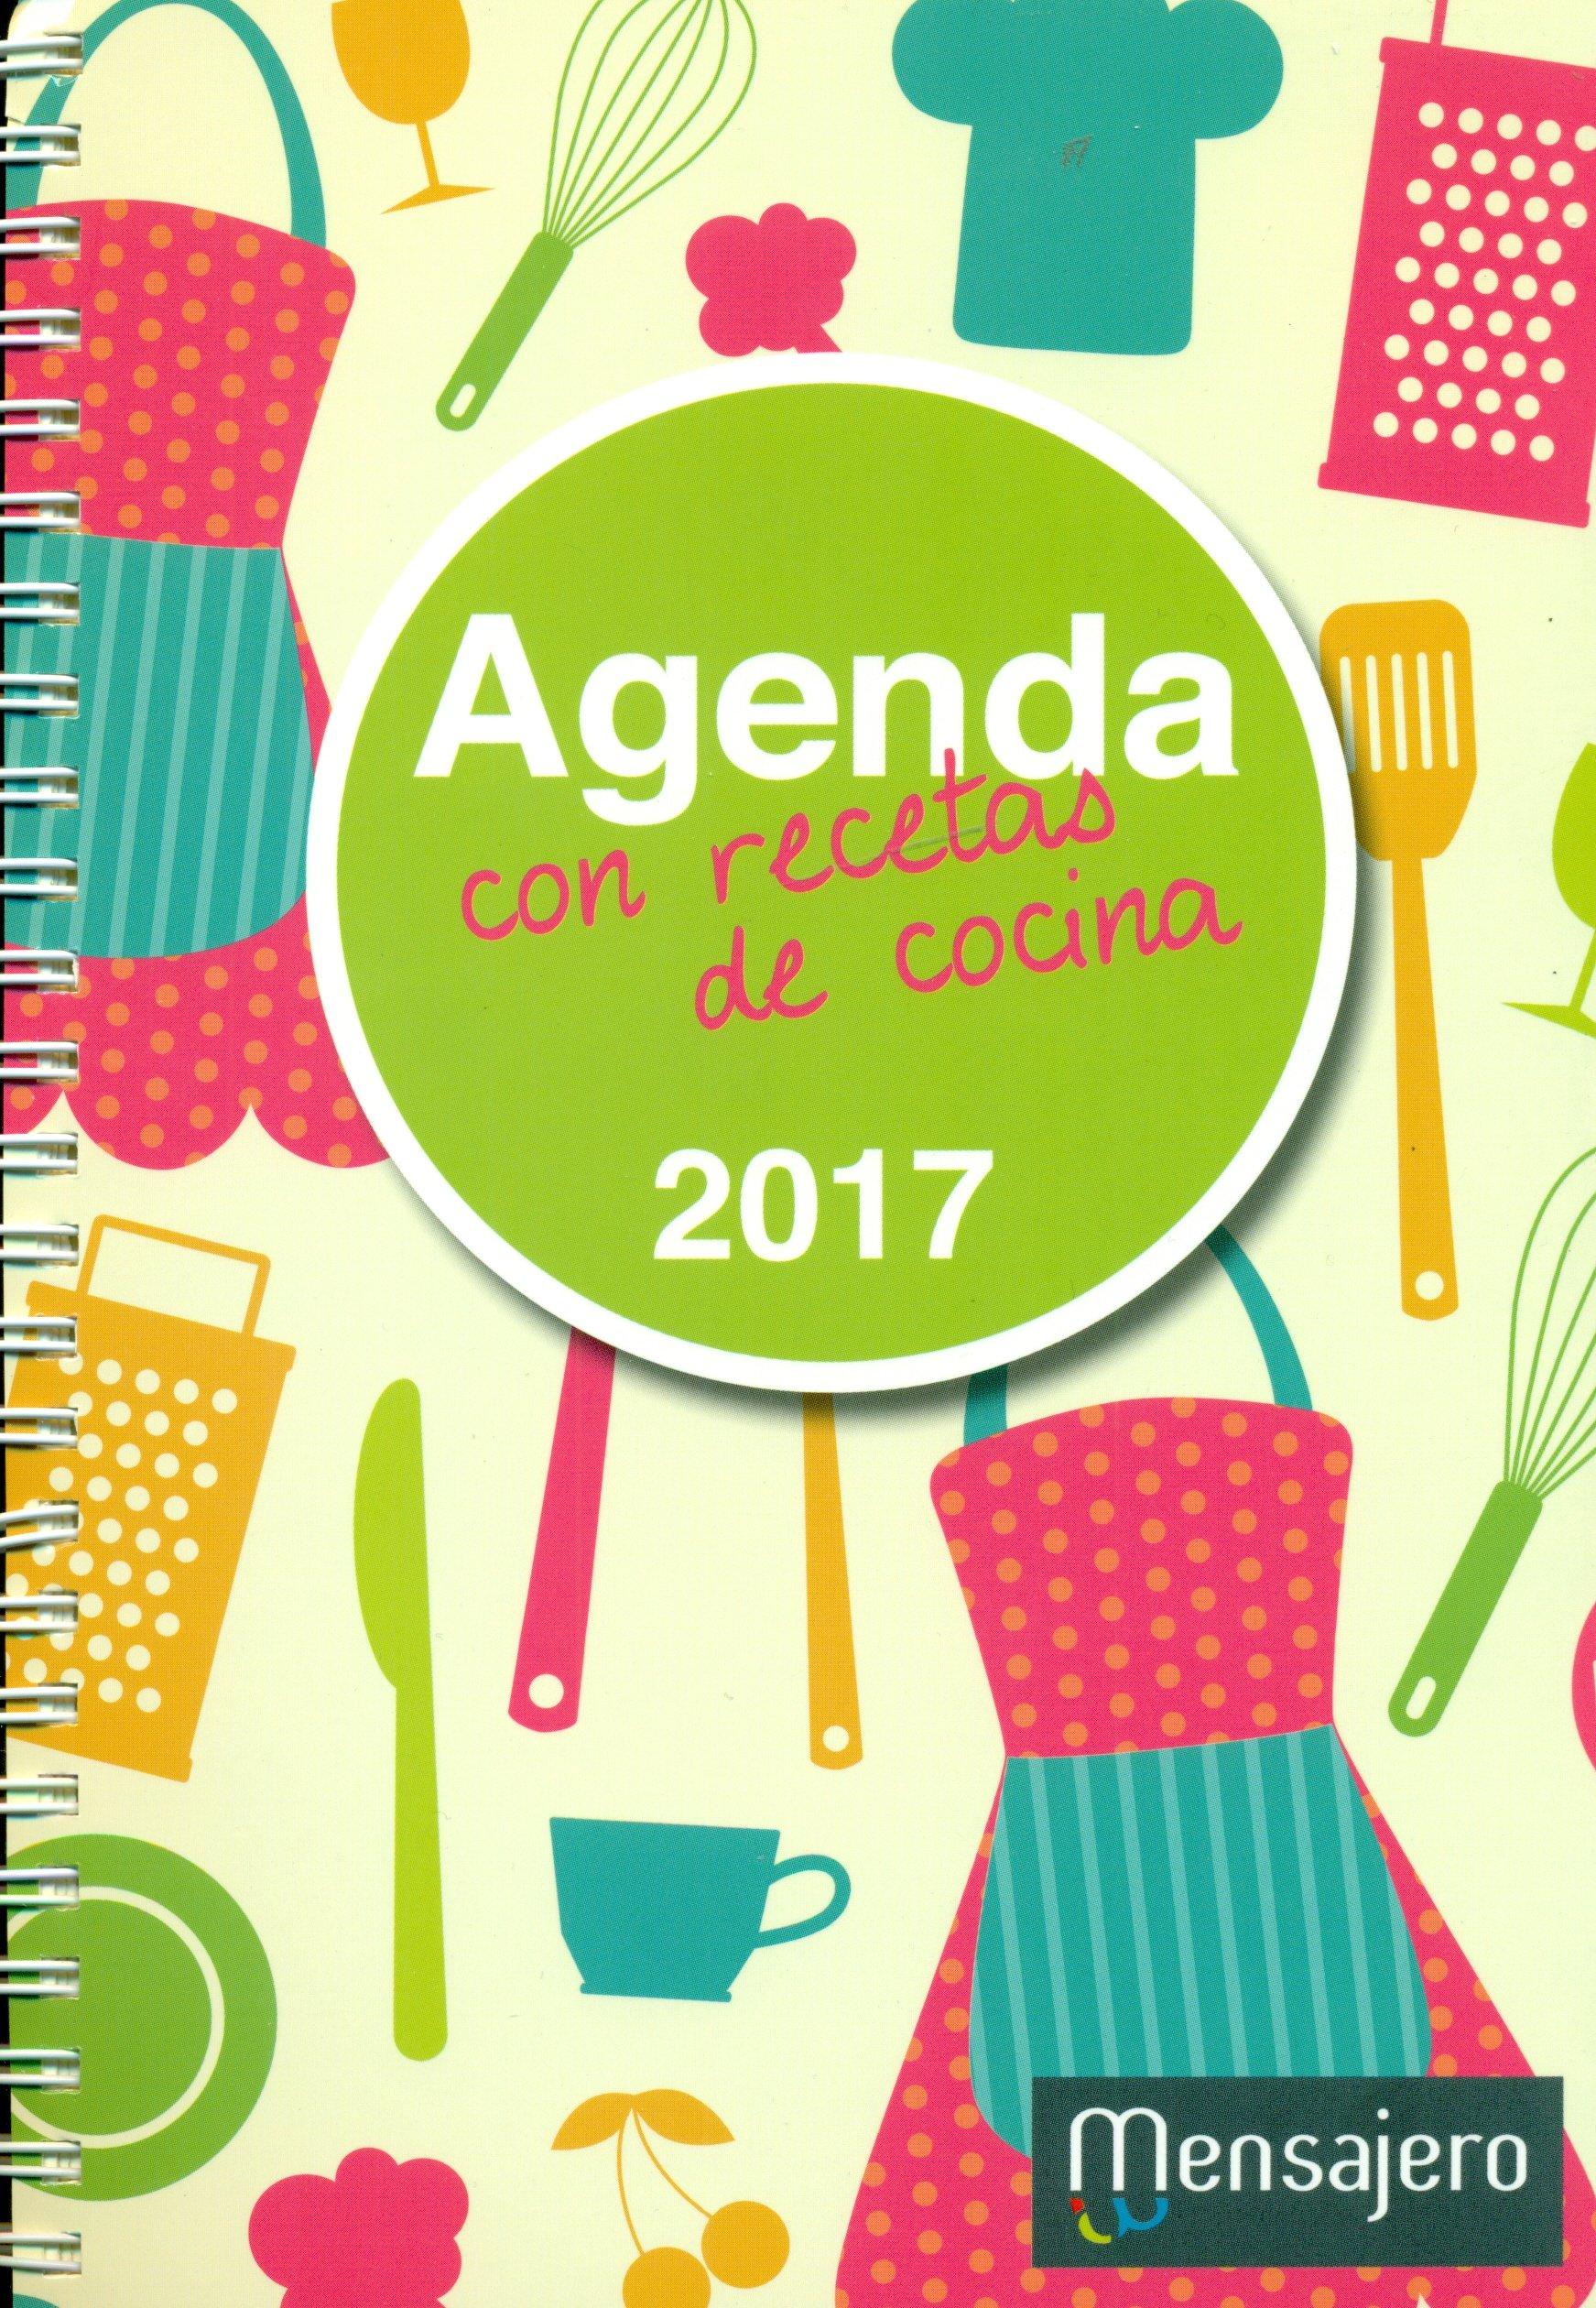 AGENDA 2017 CON RECETAS DE COCINA: AAVV: 9788427138438 ...